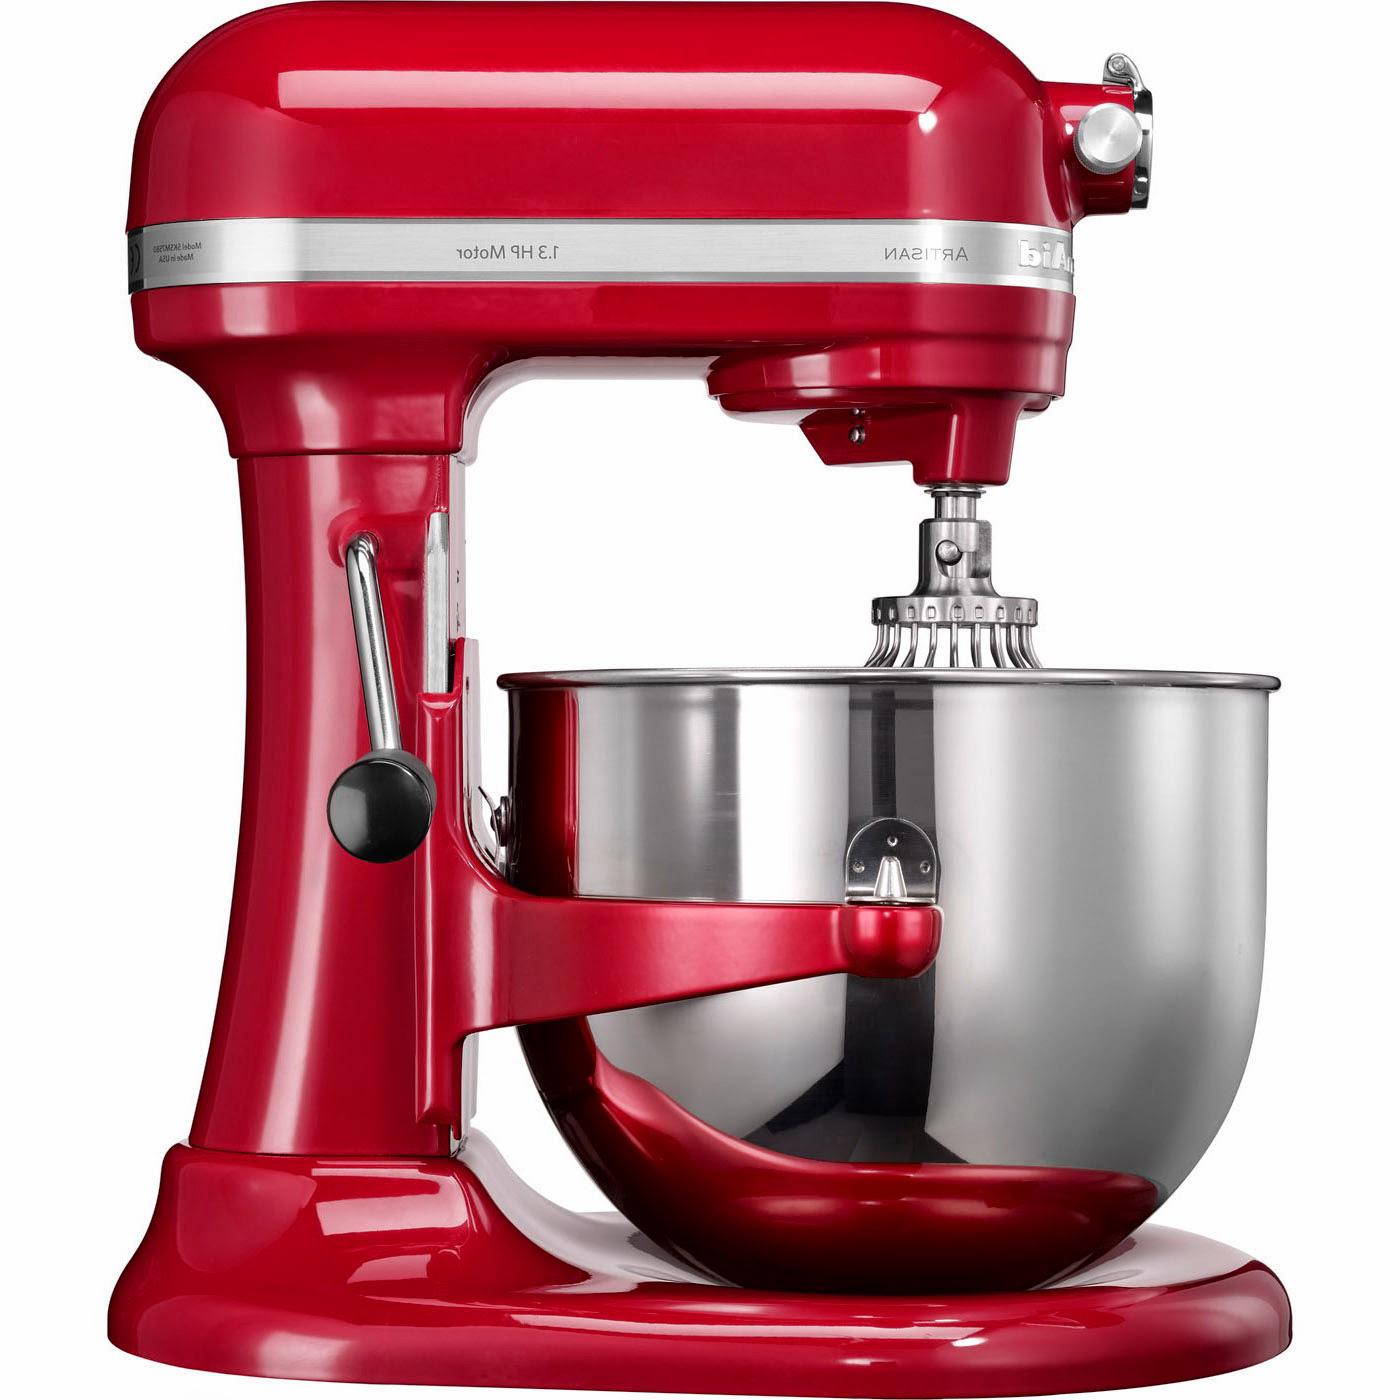 Kuchynský robot KitchenAid Artisan 5KSM7580 kráľovská červená